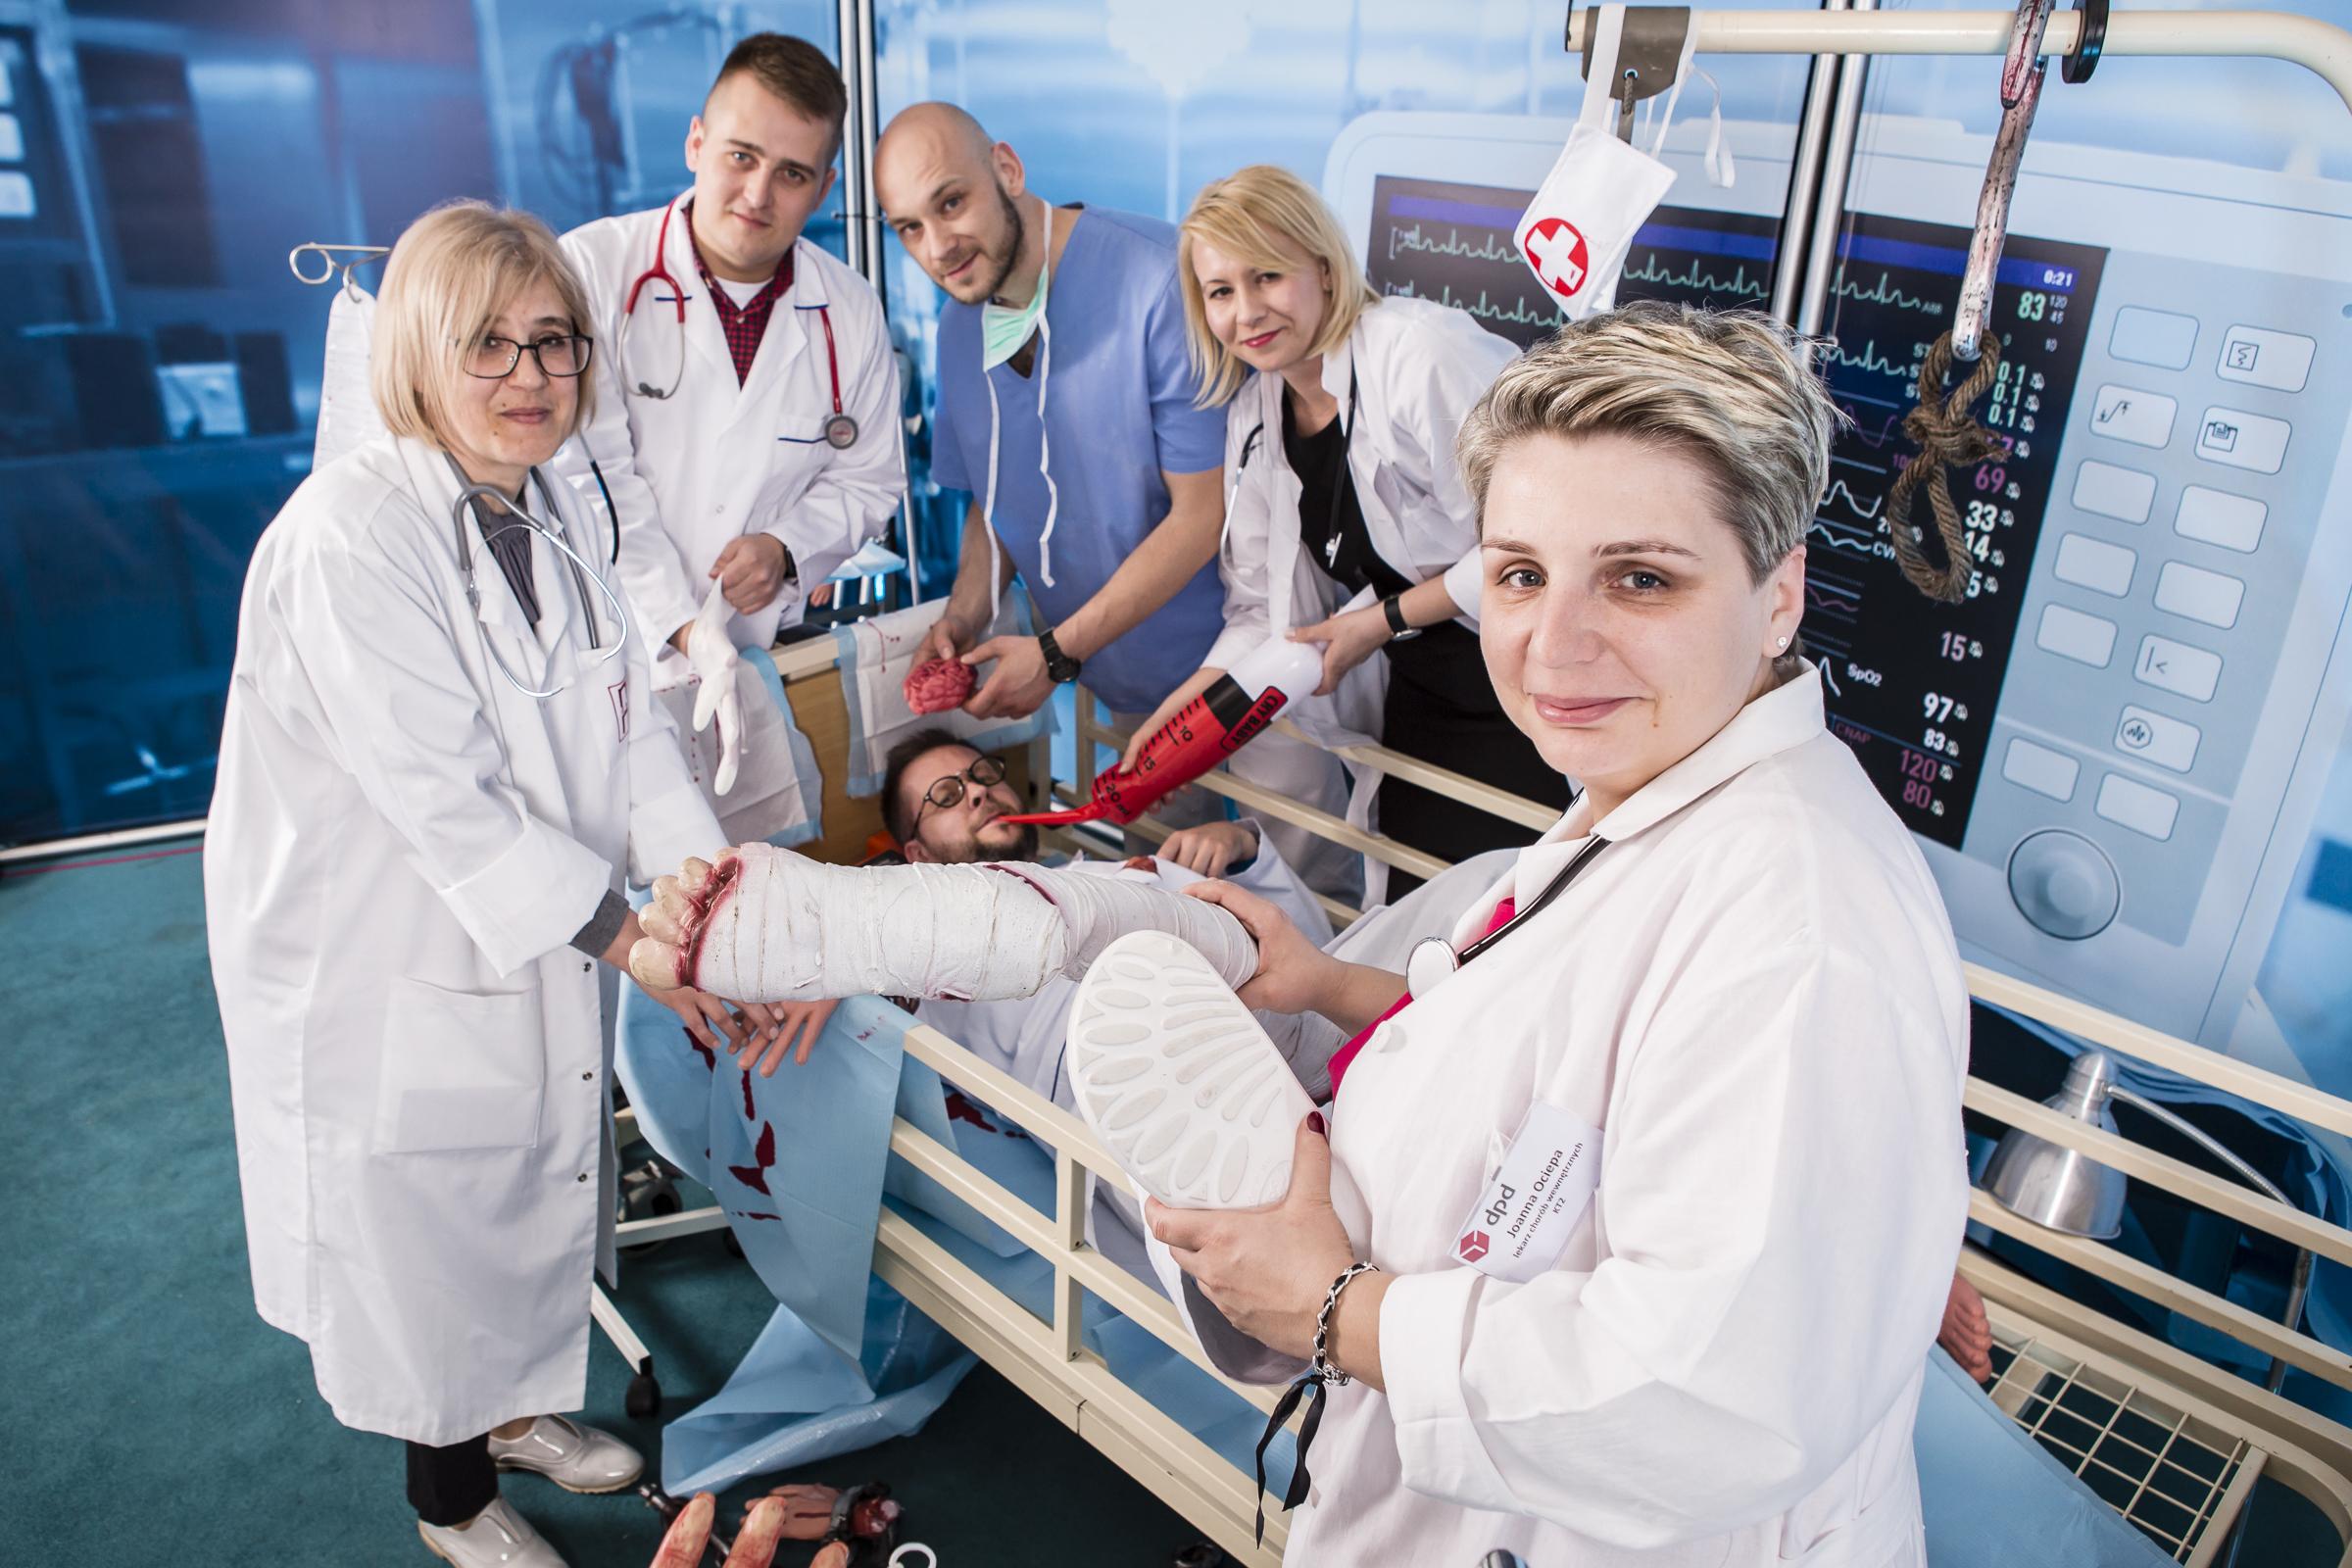 Szalony Szpital impreza integracyjna